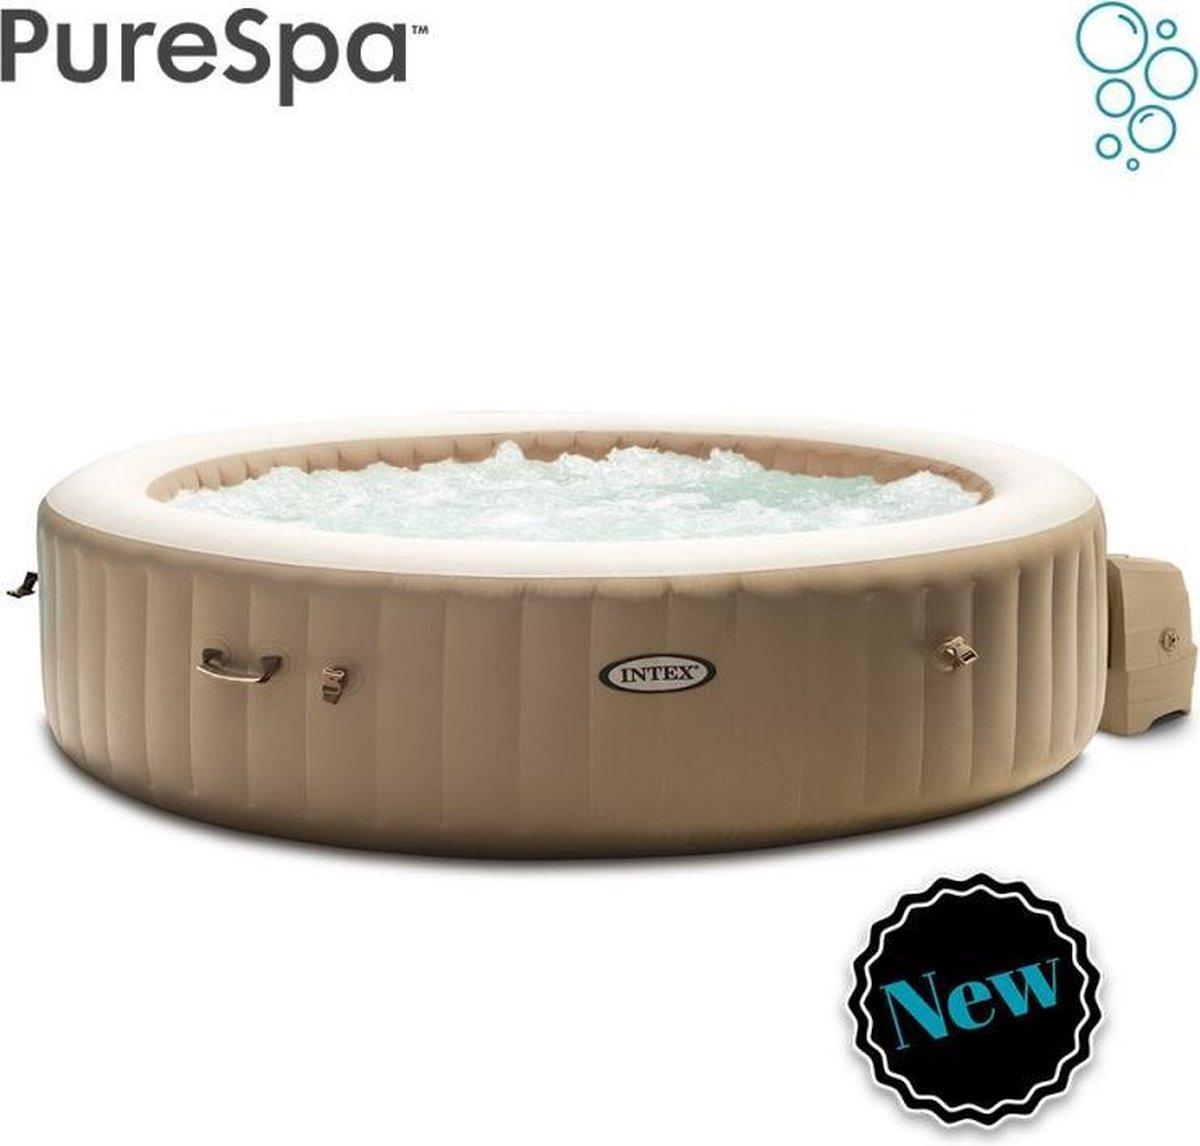 Intex Pure Spa Bubble - Sahara jacuzzi - 236x71 cm - 8 personen